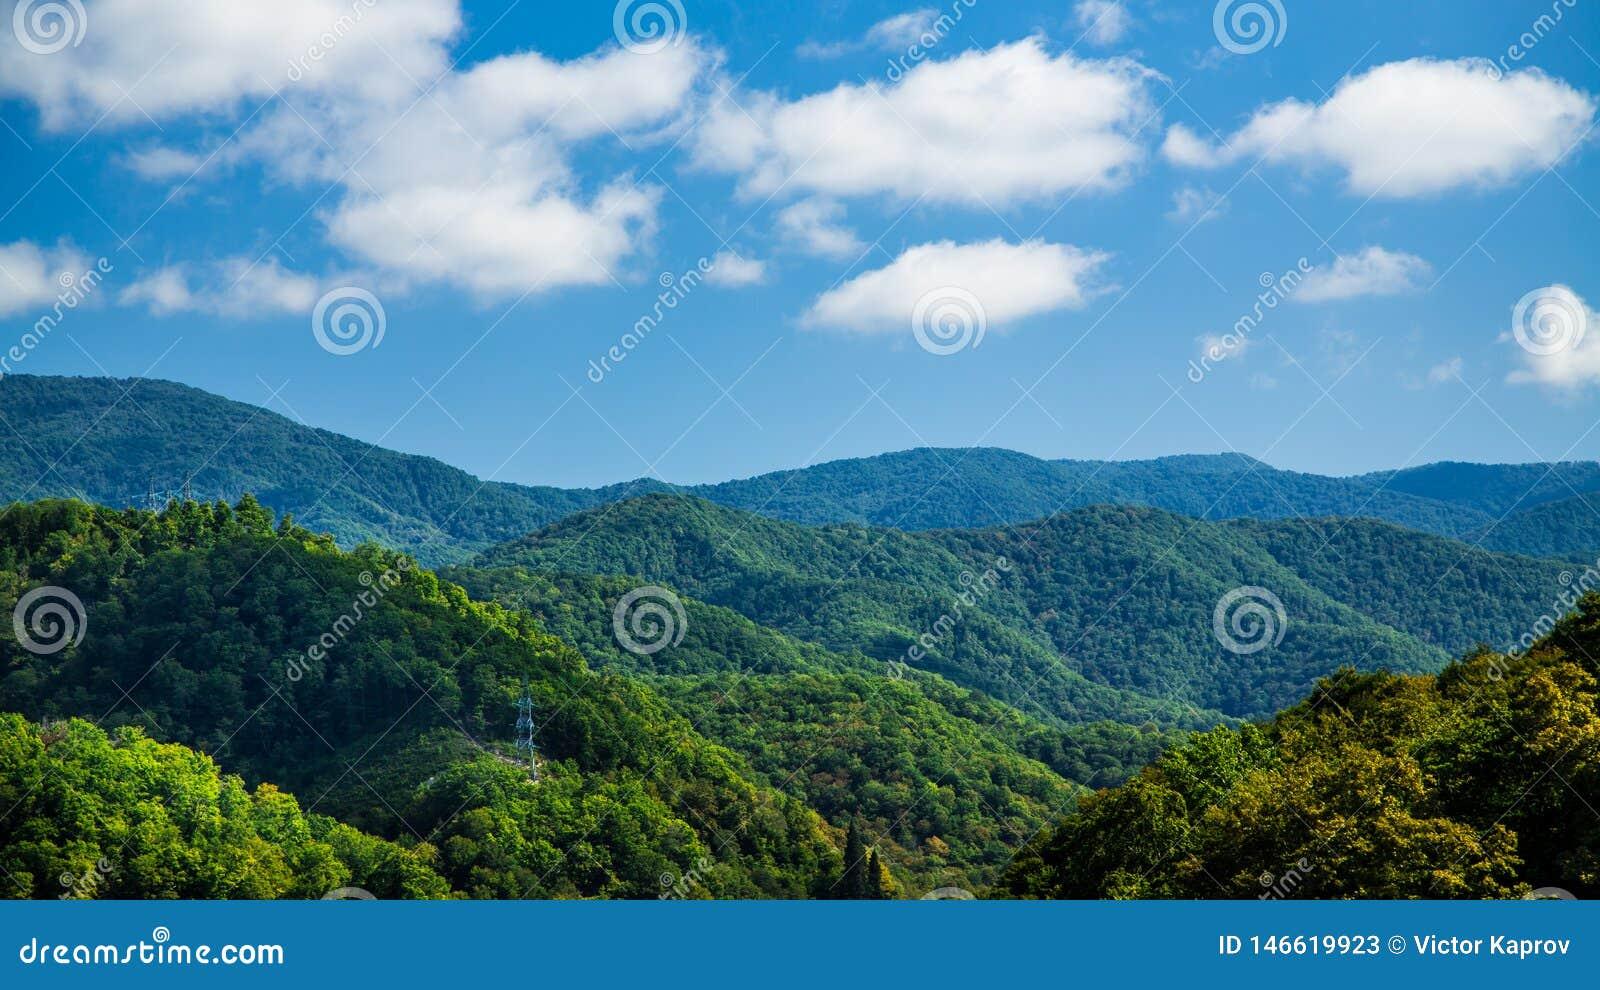 Linee elettriche in colline verdi in bel tempo